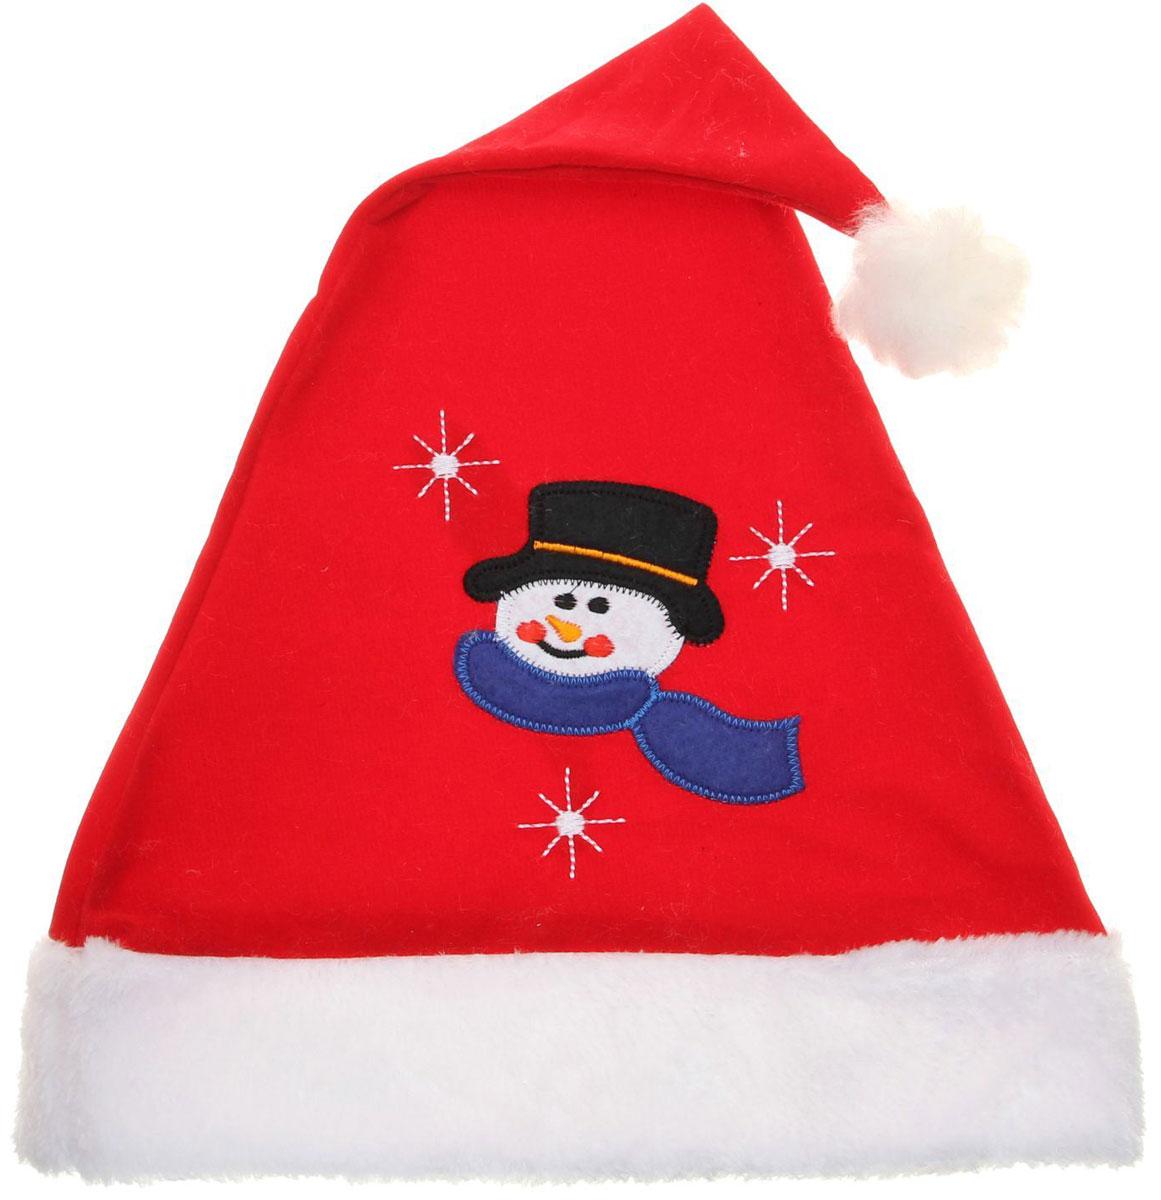 Колпак новогодний Со снеговиком, 28 х 41 см. 13906361390636Поддайтесь новогоднему веселью на полную катушку! Забавный колпак в секунду создаст праздничное настроение, будь то поздравление ребятишек или вечеринка с друзьями. Размер изделия универсальный: аксессуар подойдет как для ребенка, так и для взрослого. А мягкий текстиль позволит носить колпак с комфортом на протяжении всей новогодней ночи.